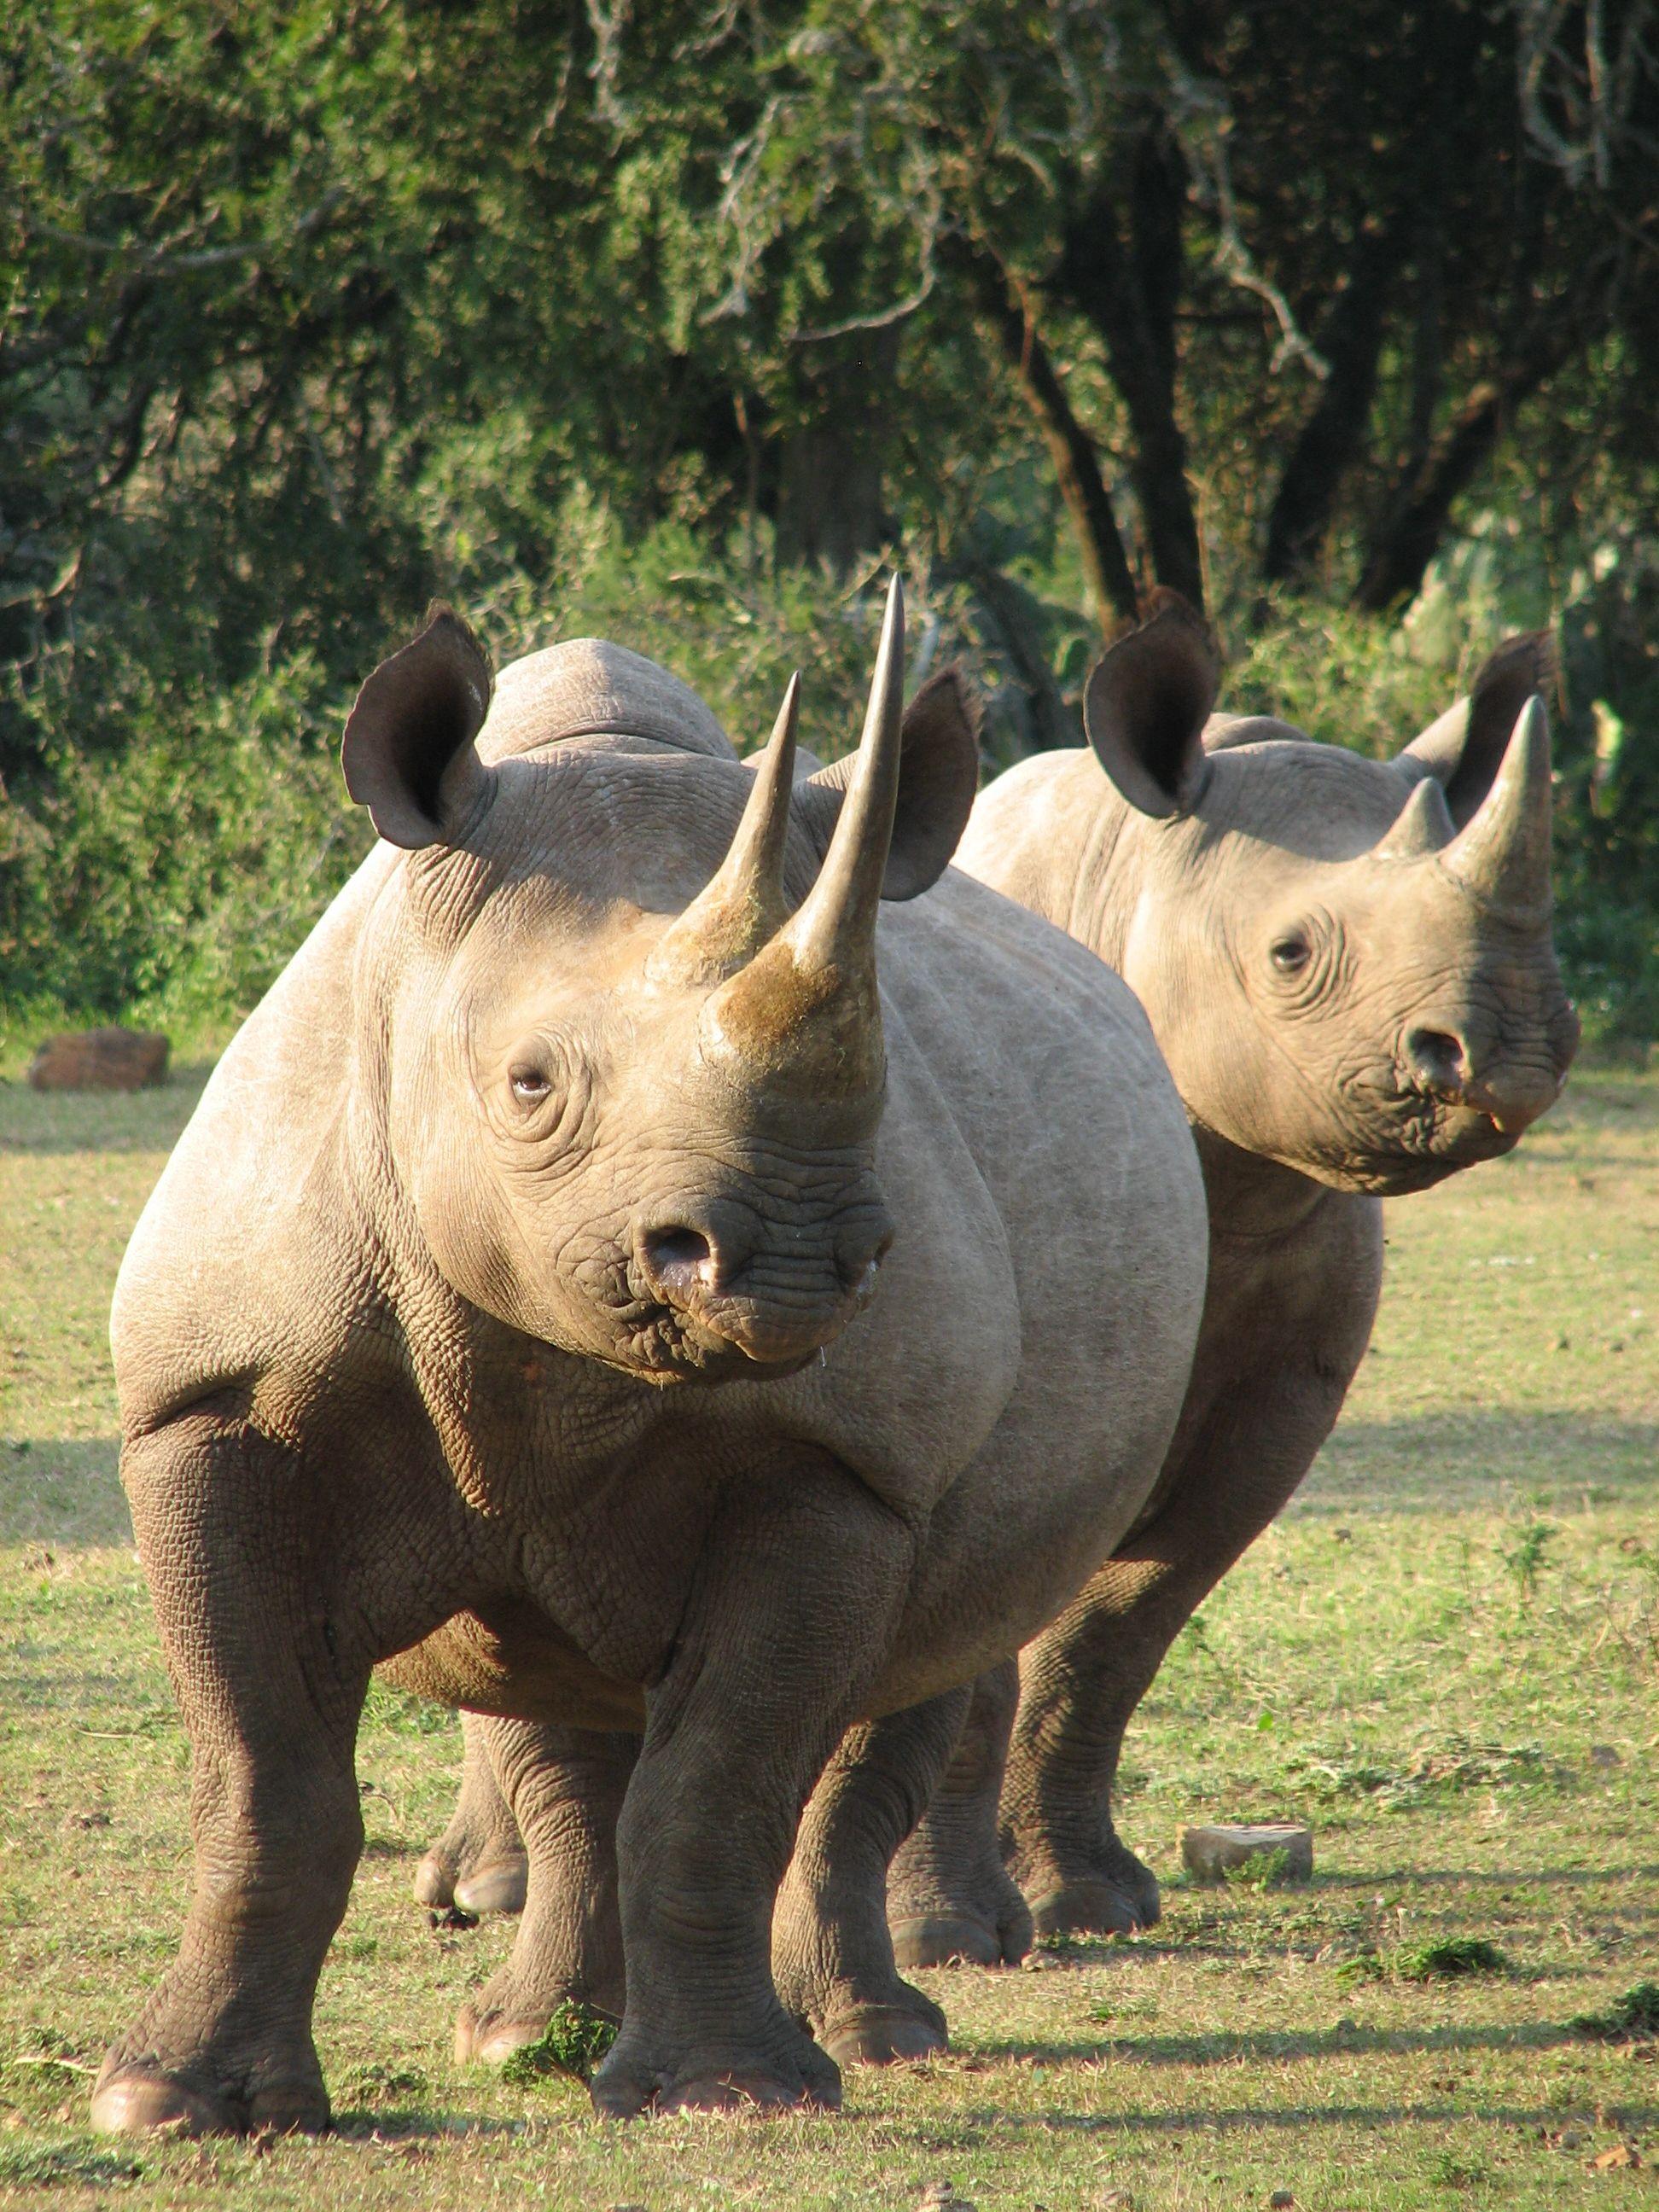 Black Rhino, Eastern Cape South Africa